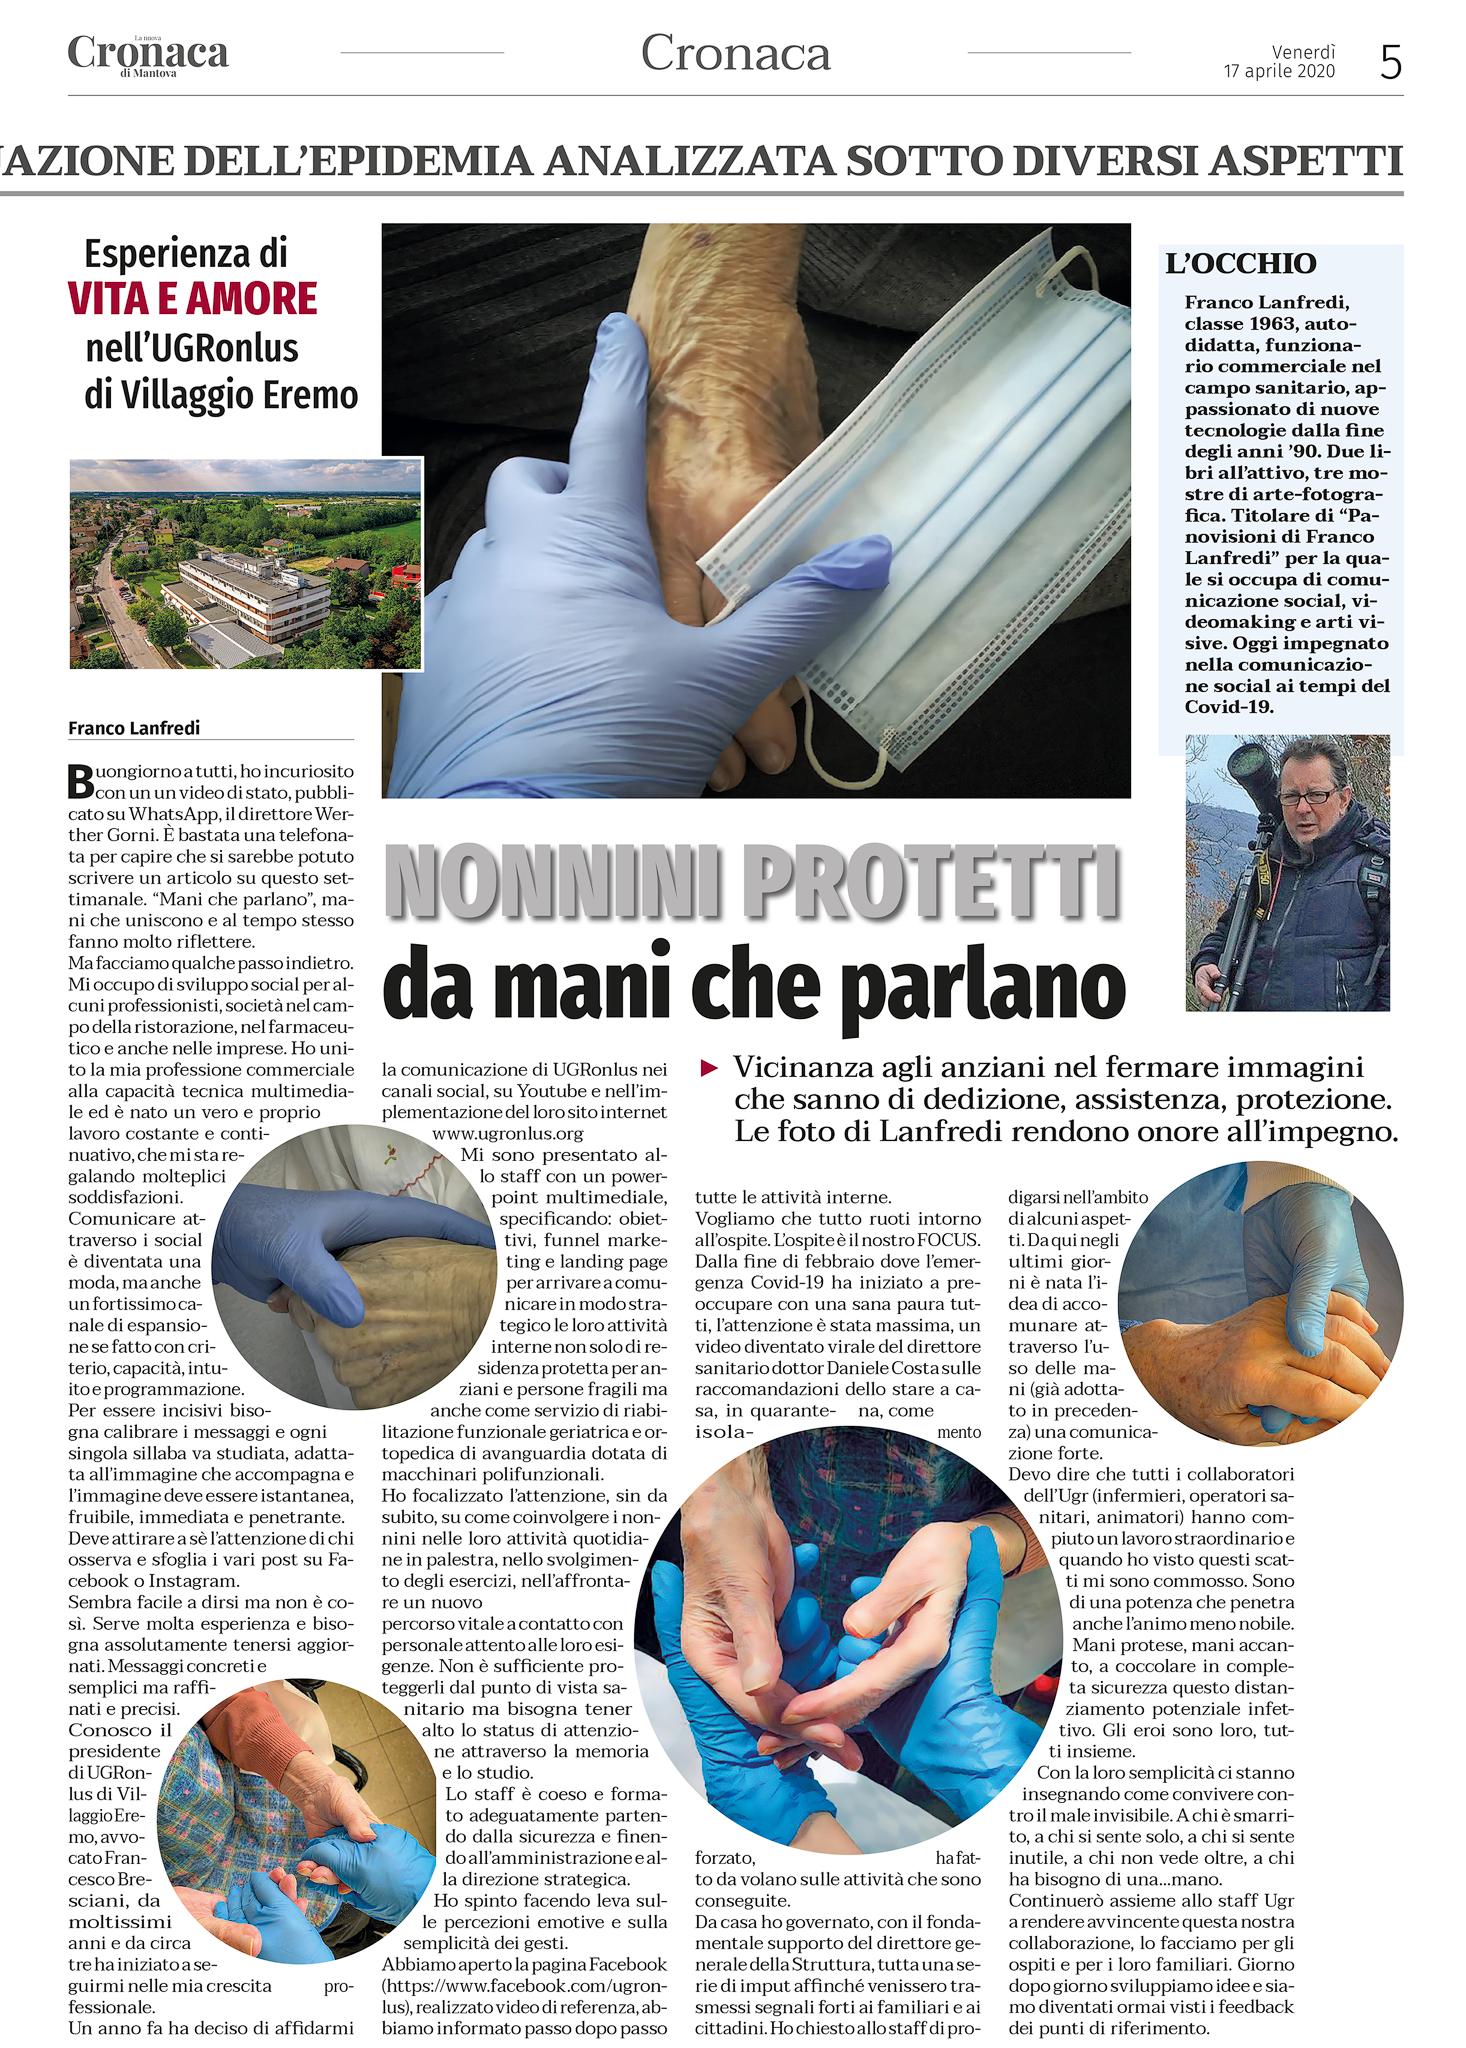 Nelle edicole di Mantova e Provincia il settimanale La nuova Cronaca di Mantova. Questo è l'articolo in riferimento alla nostra struttura UGR ONLUS